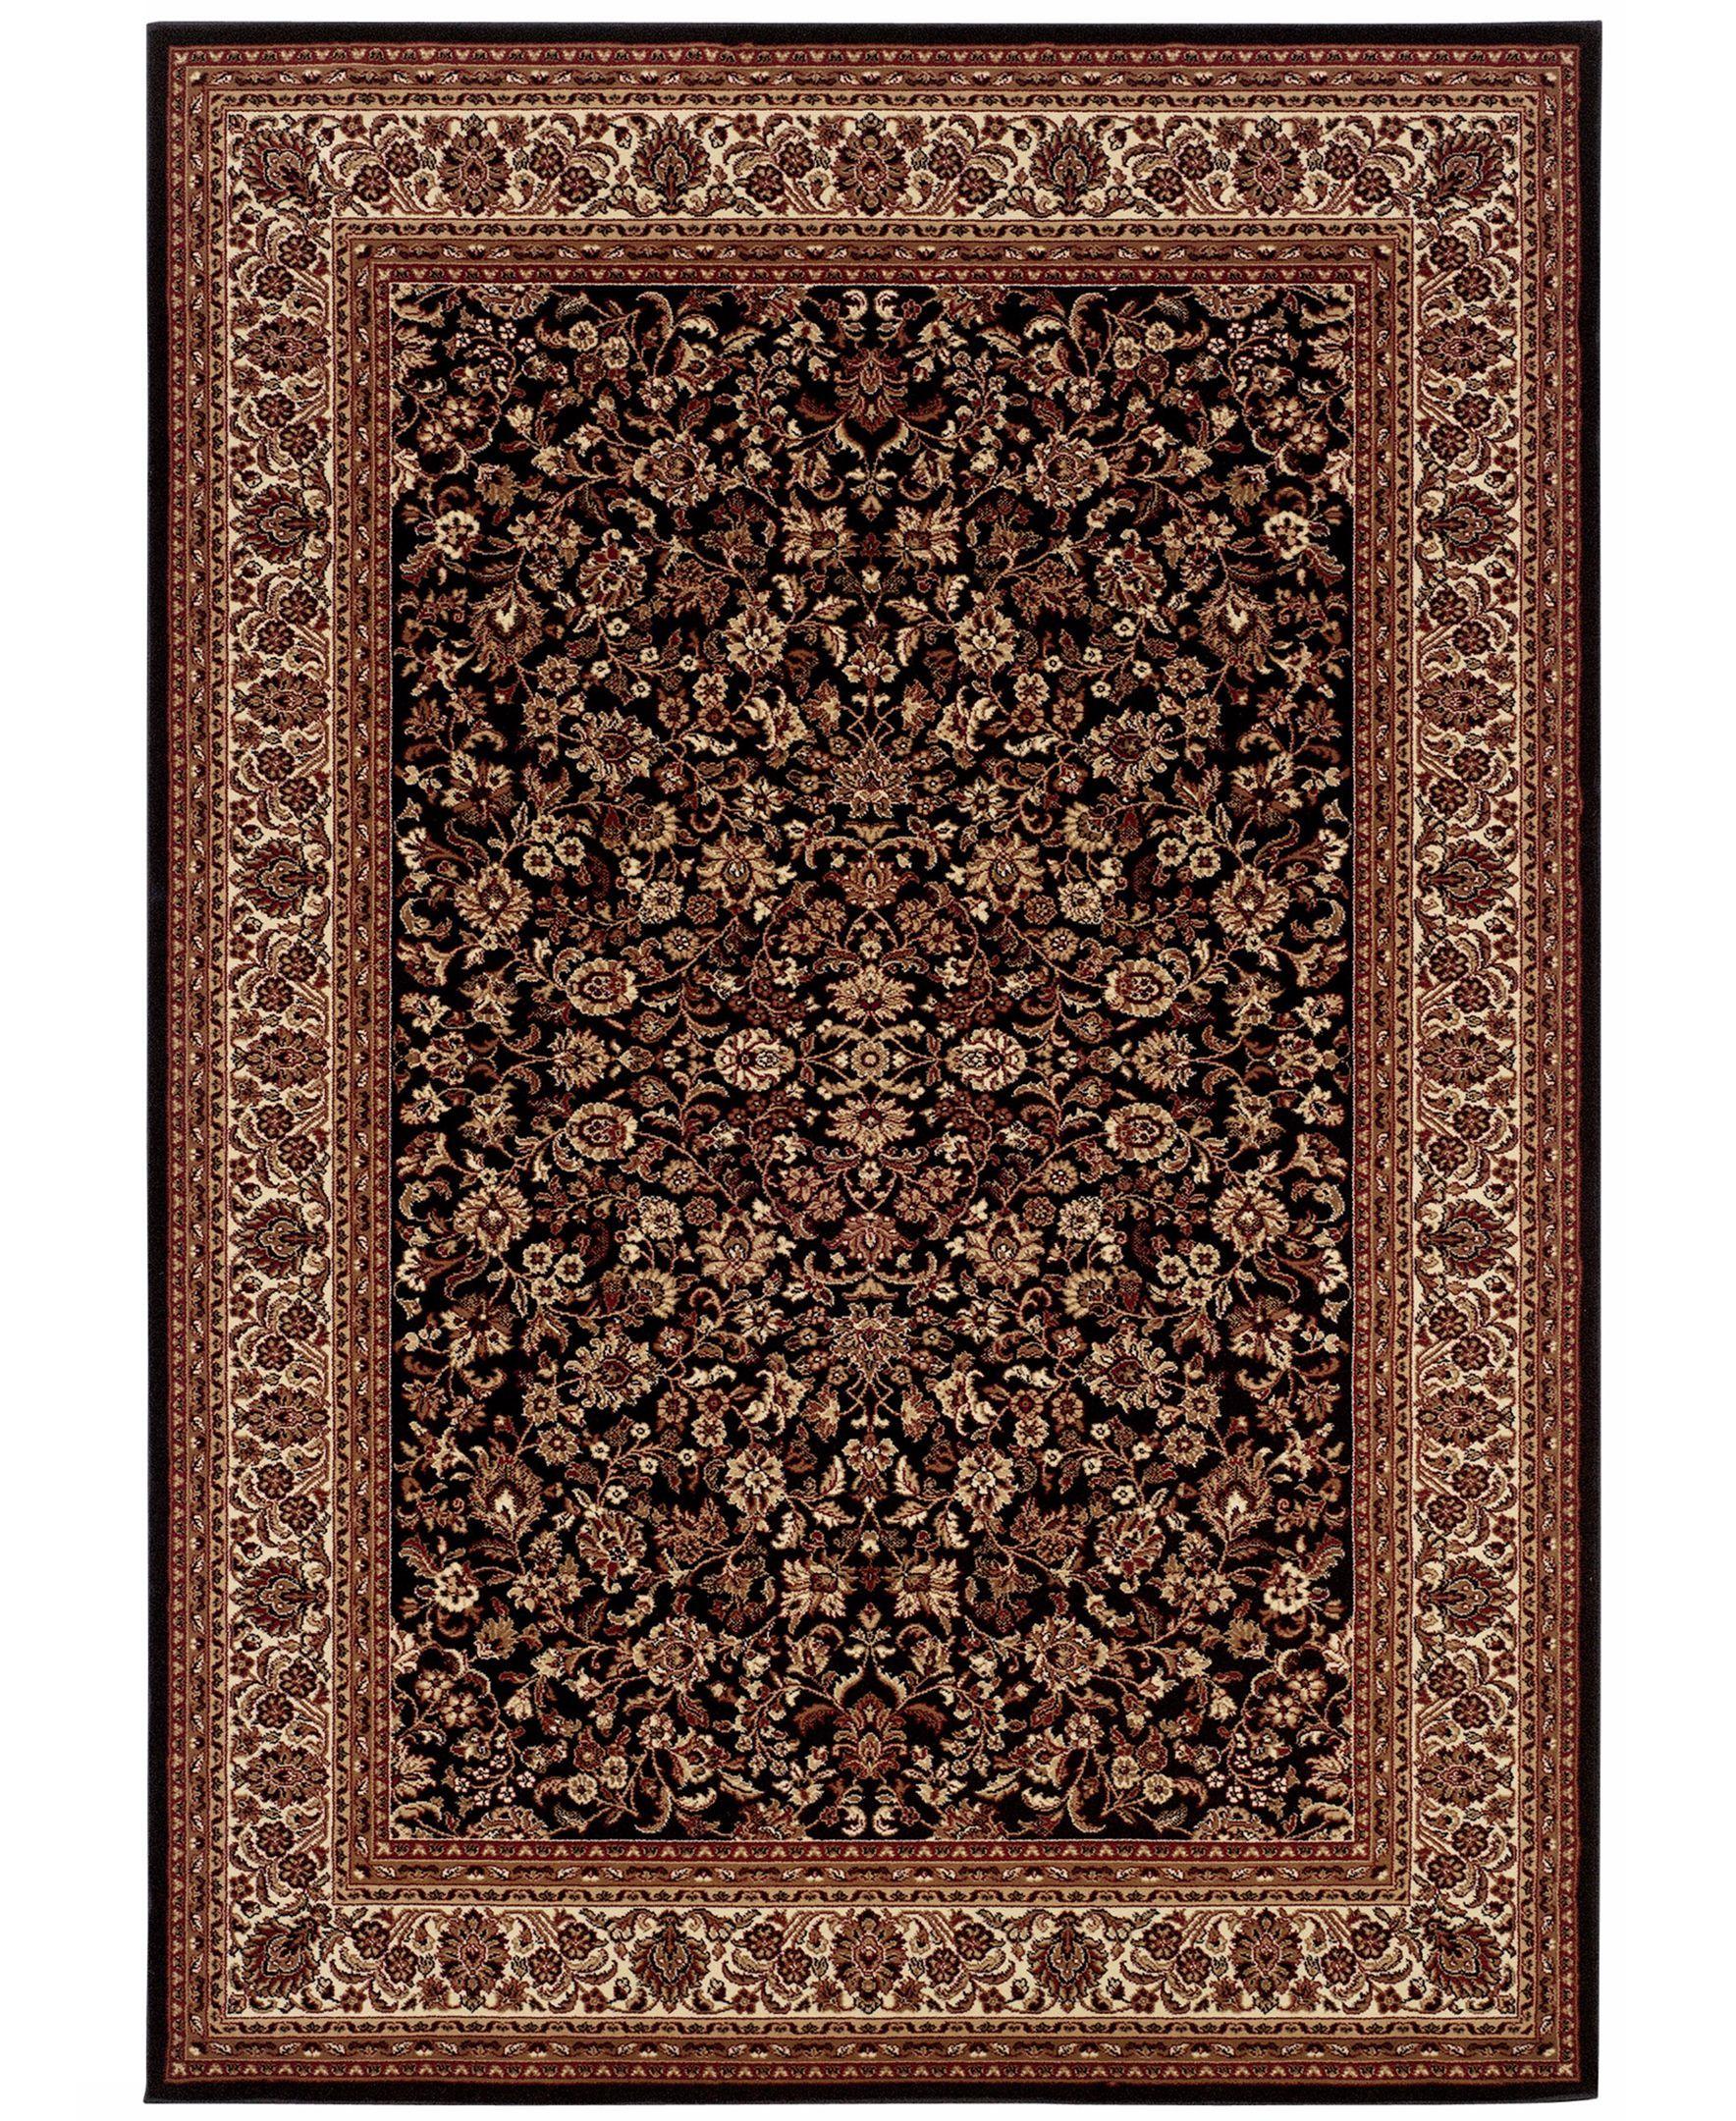 Couristan Area Rug Everest Isfahan Black 5 3 X 7 6 Tayse Rugs Black Area Rugs Area Rugs